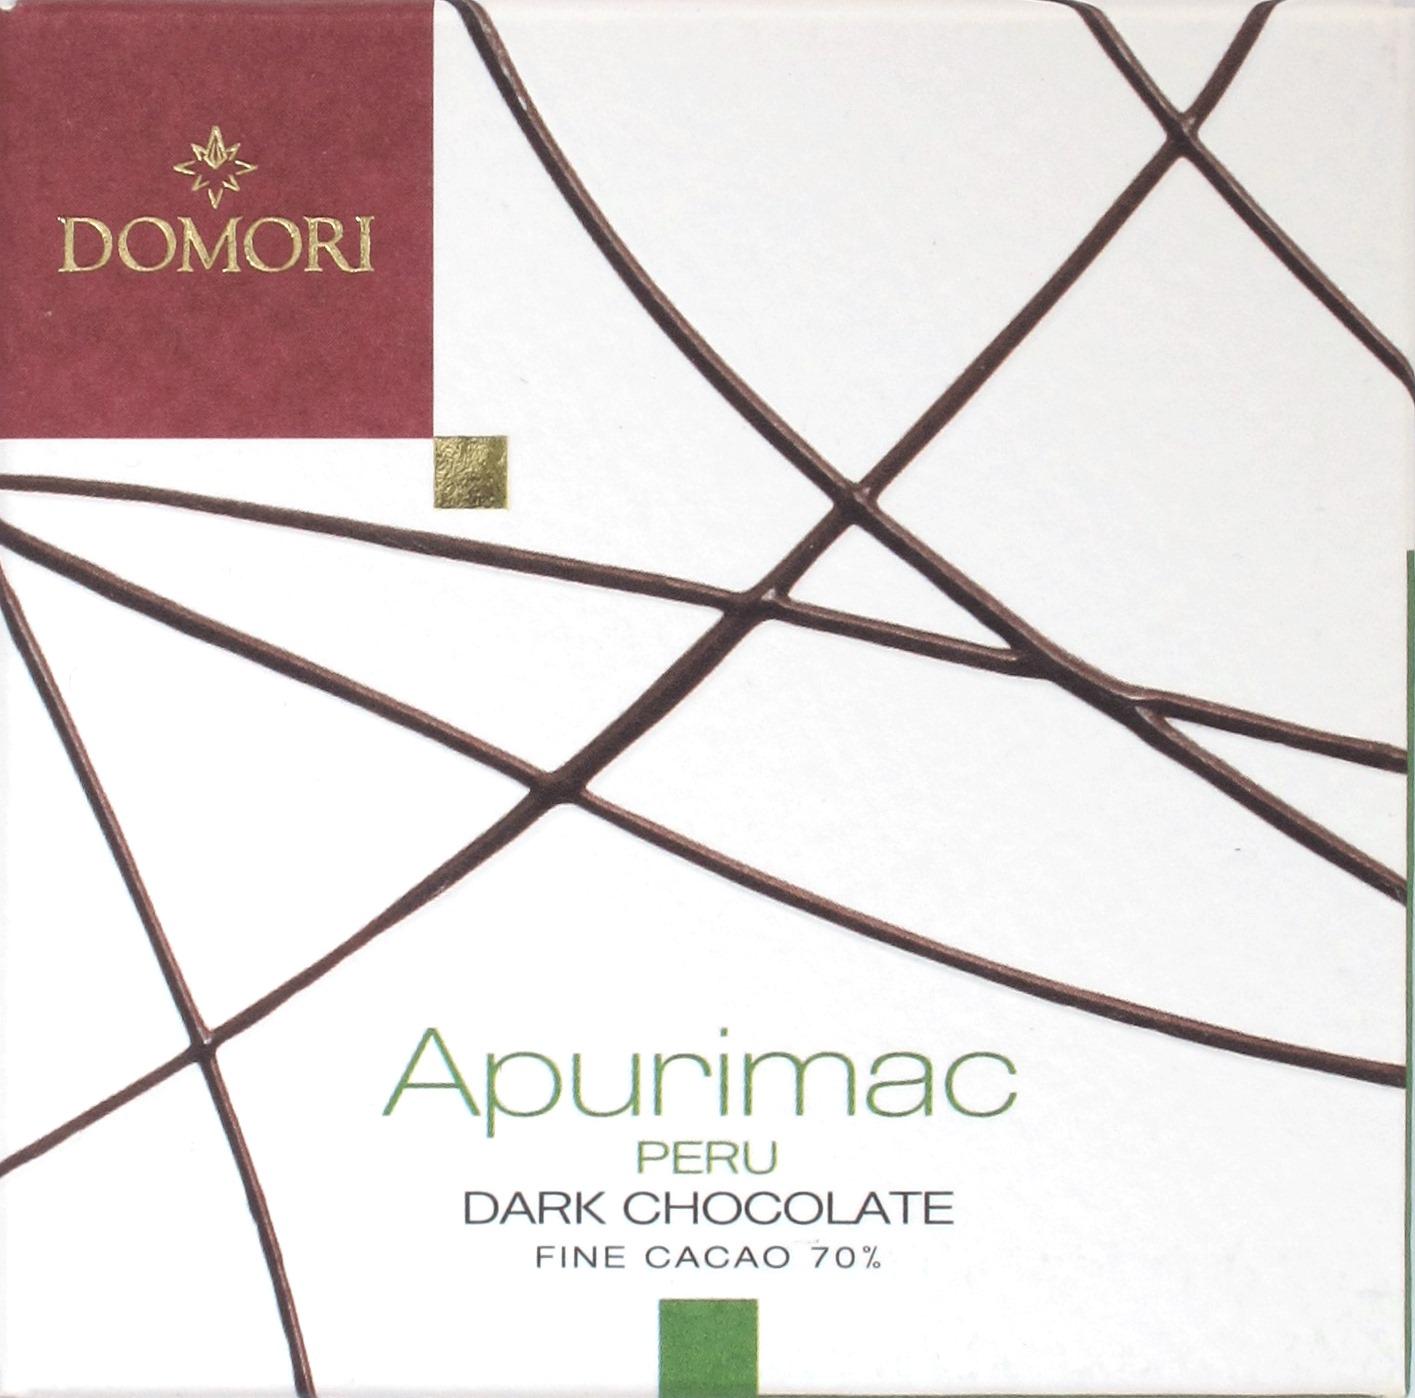 'Apurimac' - Domori Bitterschokolade - Vorderseite